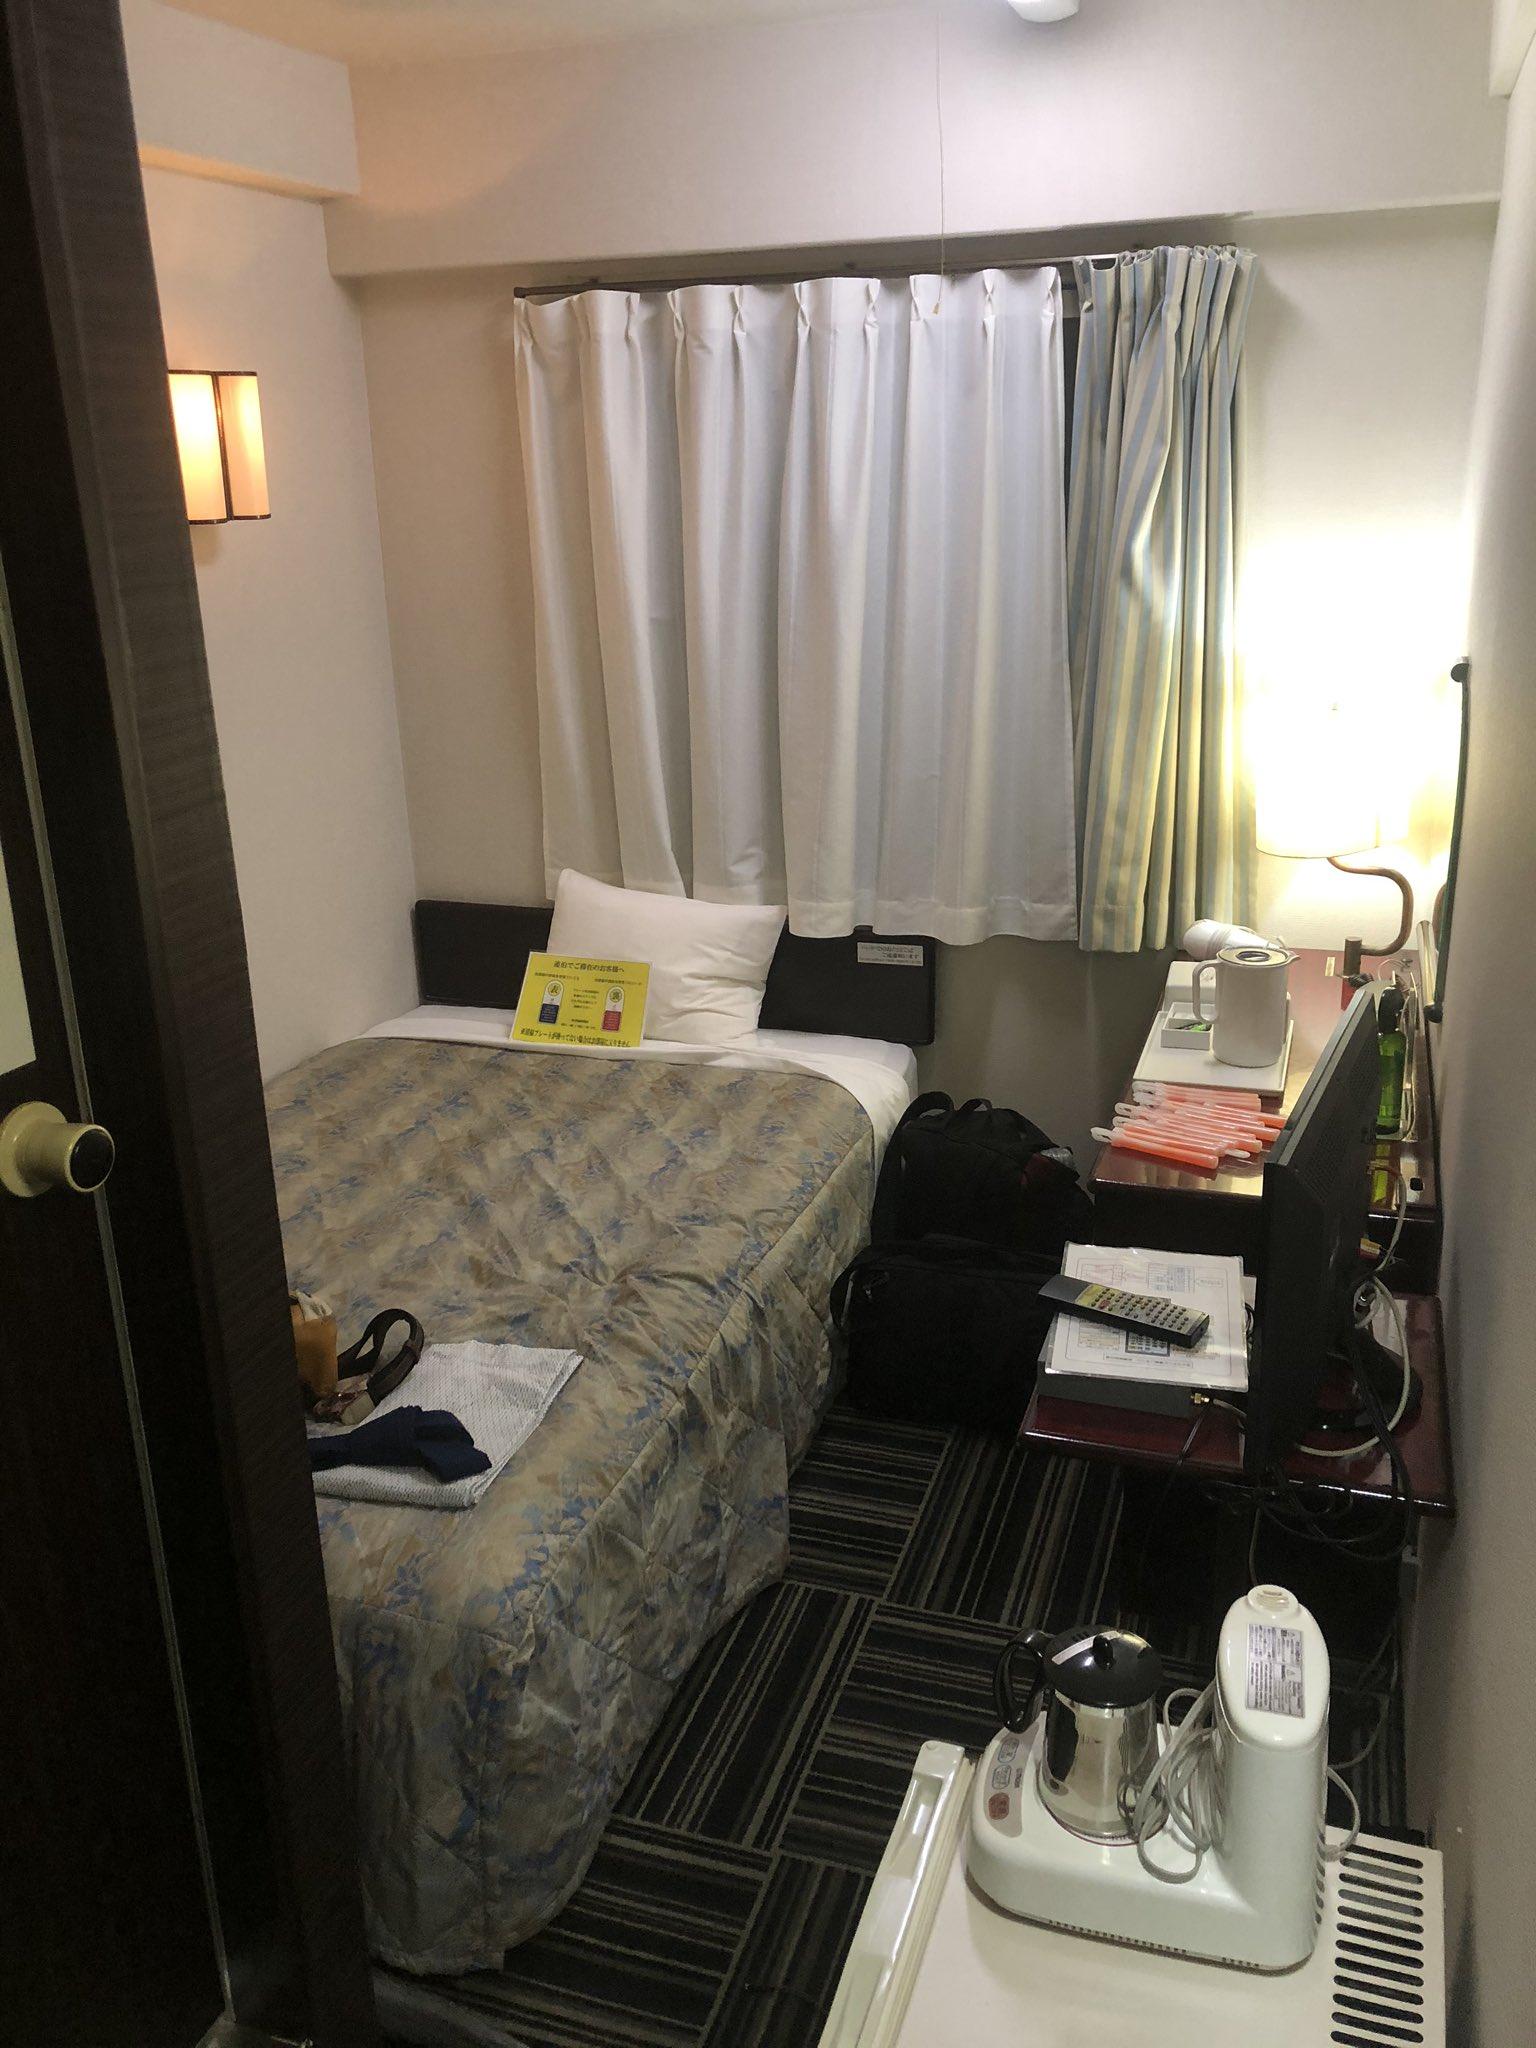 100円ホテルにたどり着きましたが、あまりにも普通のホテルでなんで100円なのか分からなくなってきた……